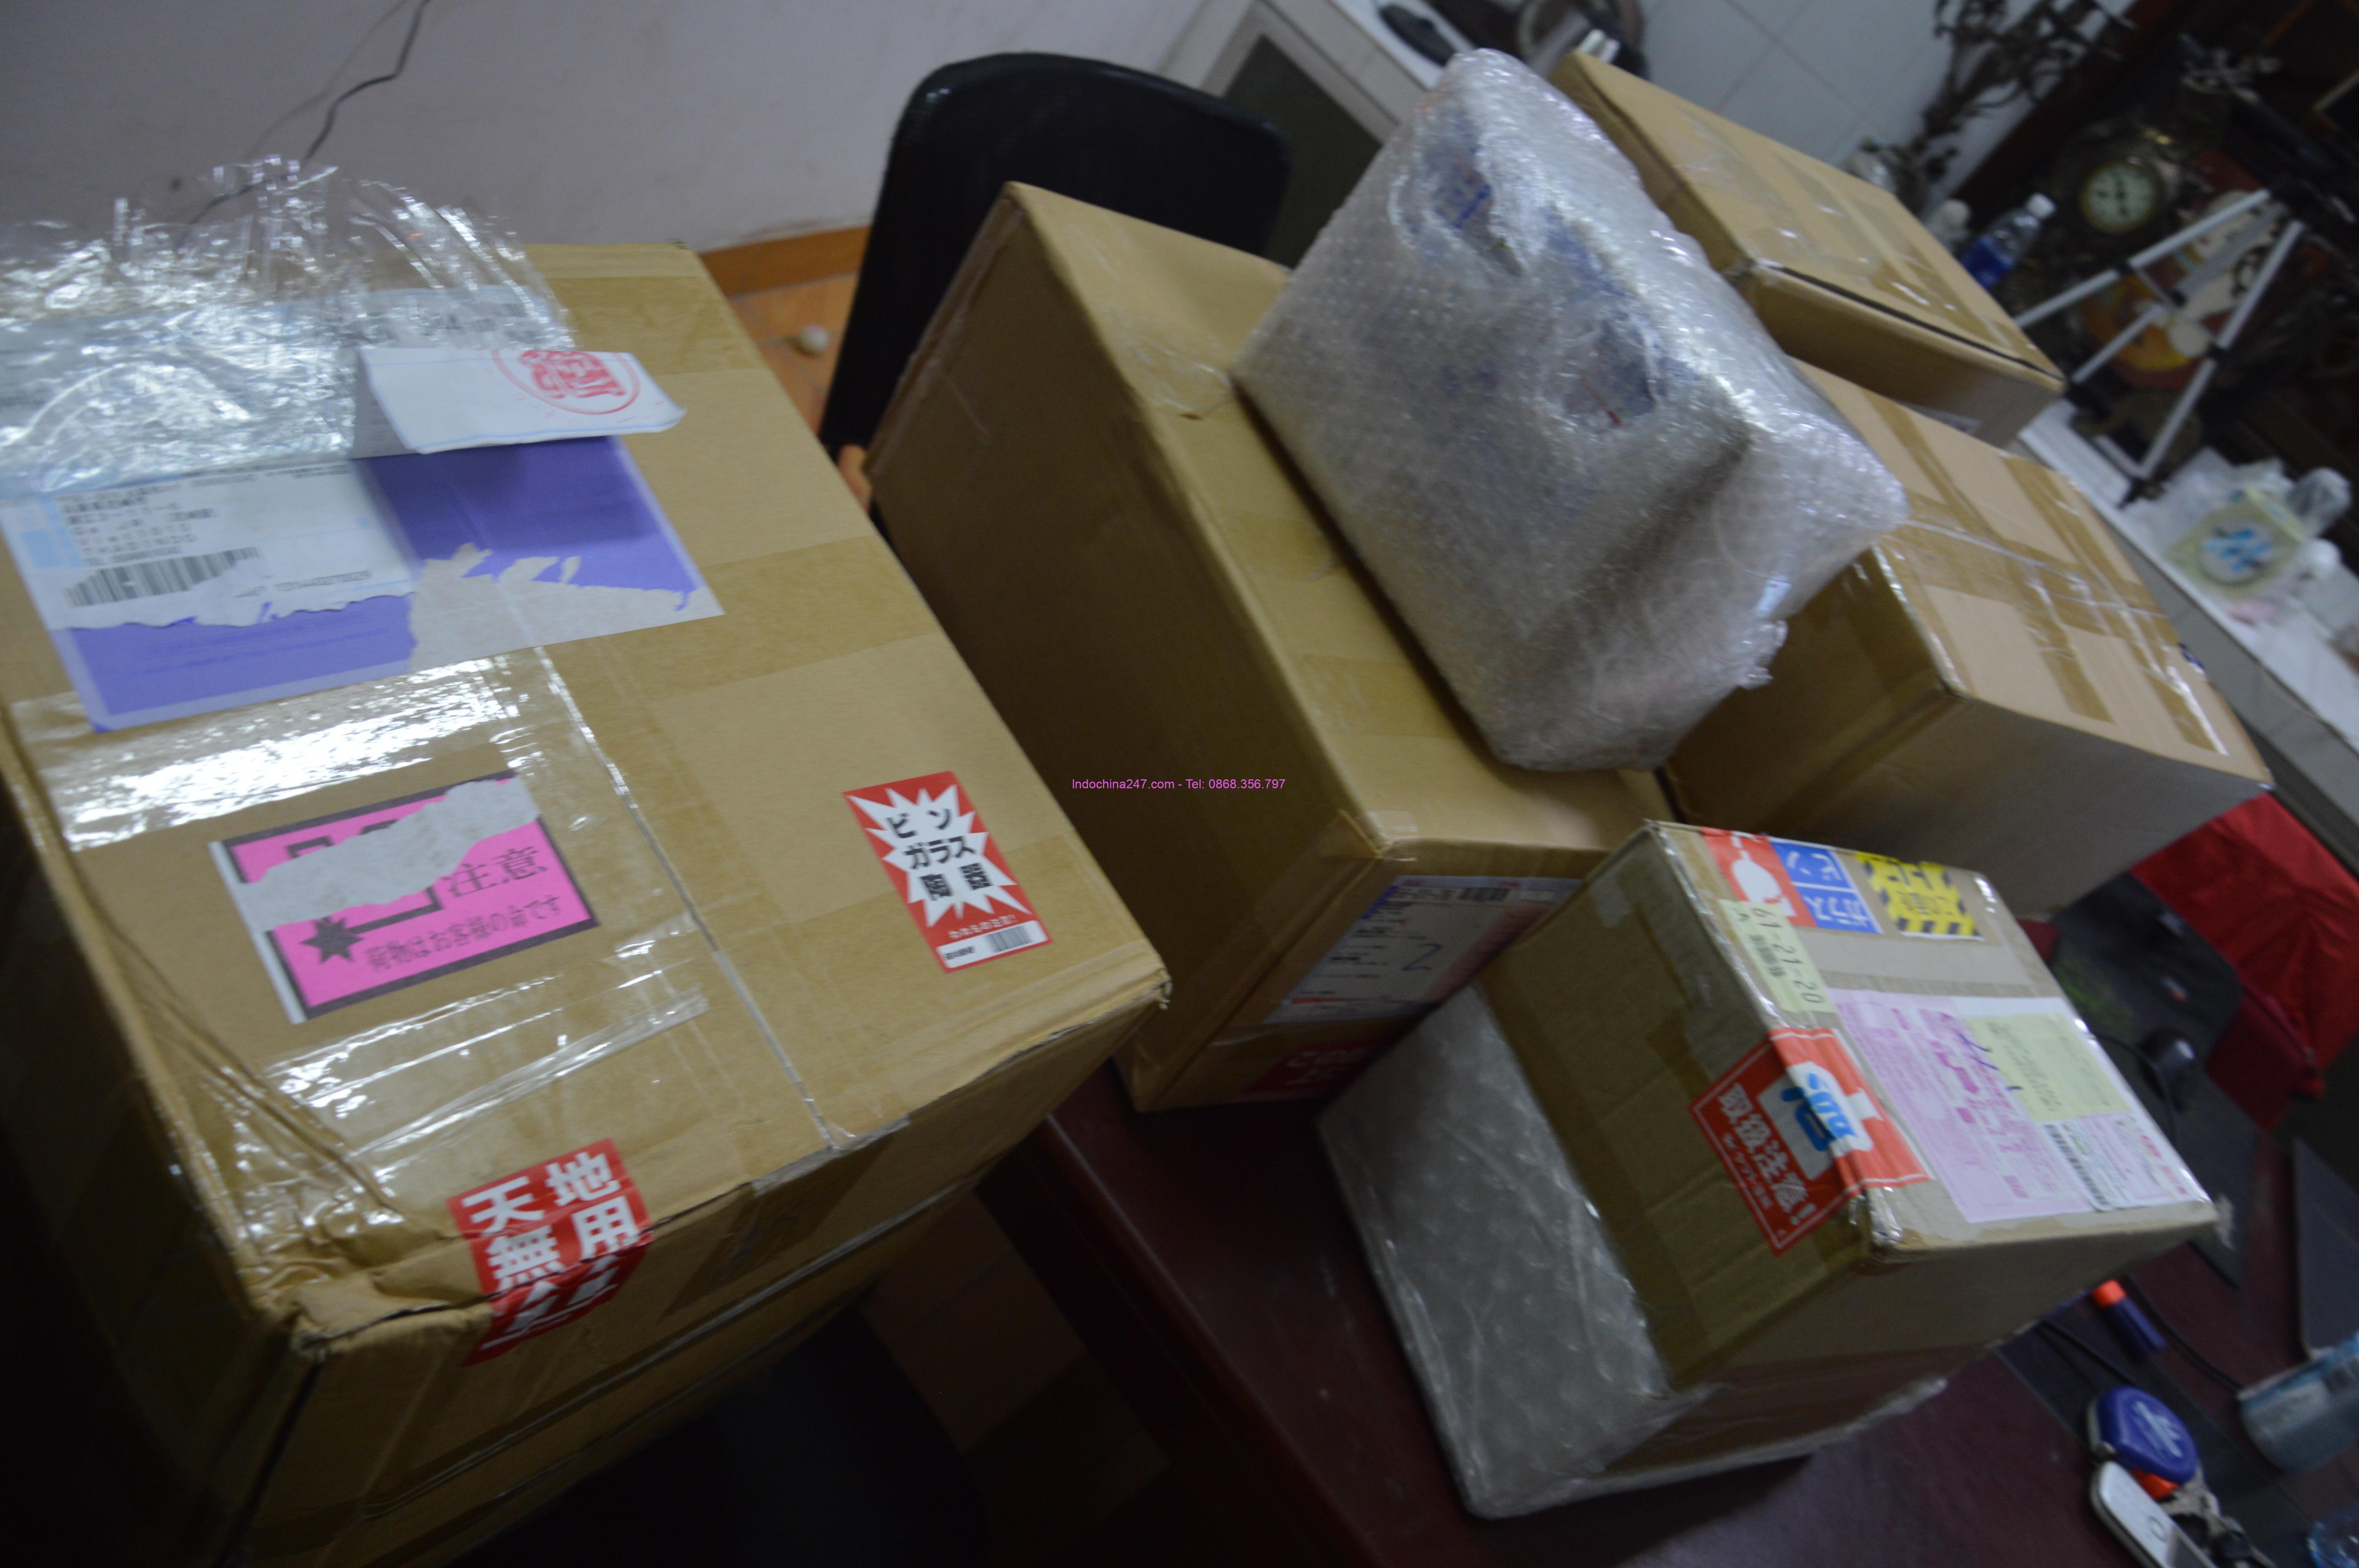 Nhận Thông Quan Chuyển Phát Nhanh Hàng Cá Nhân Từ Nhật Về Việt Nam